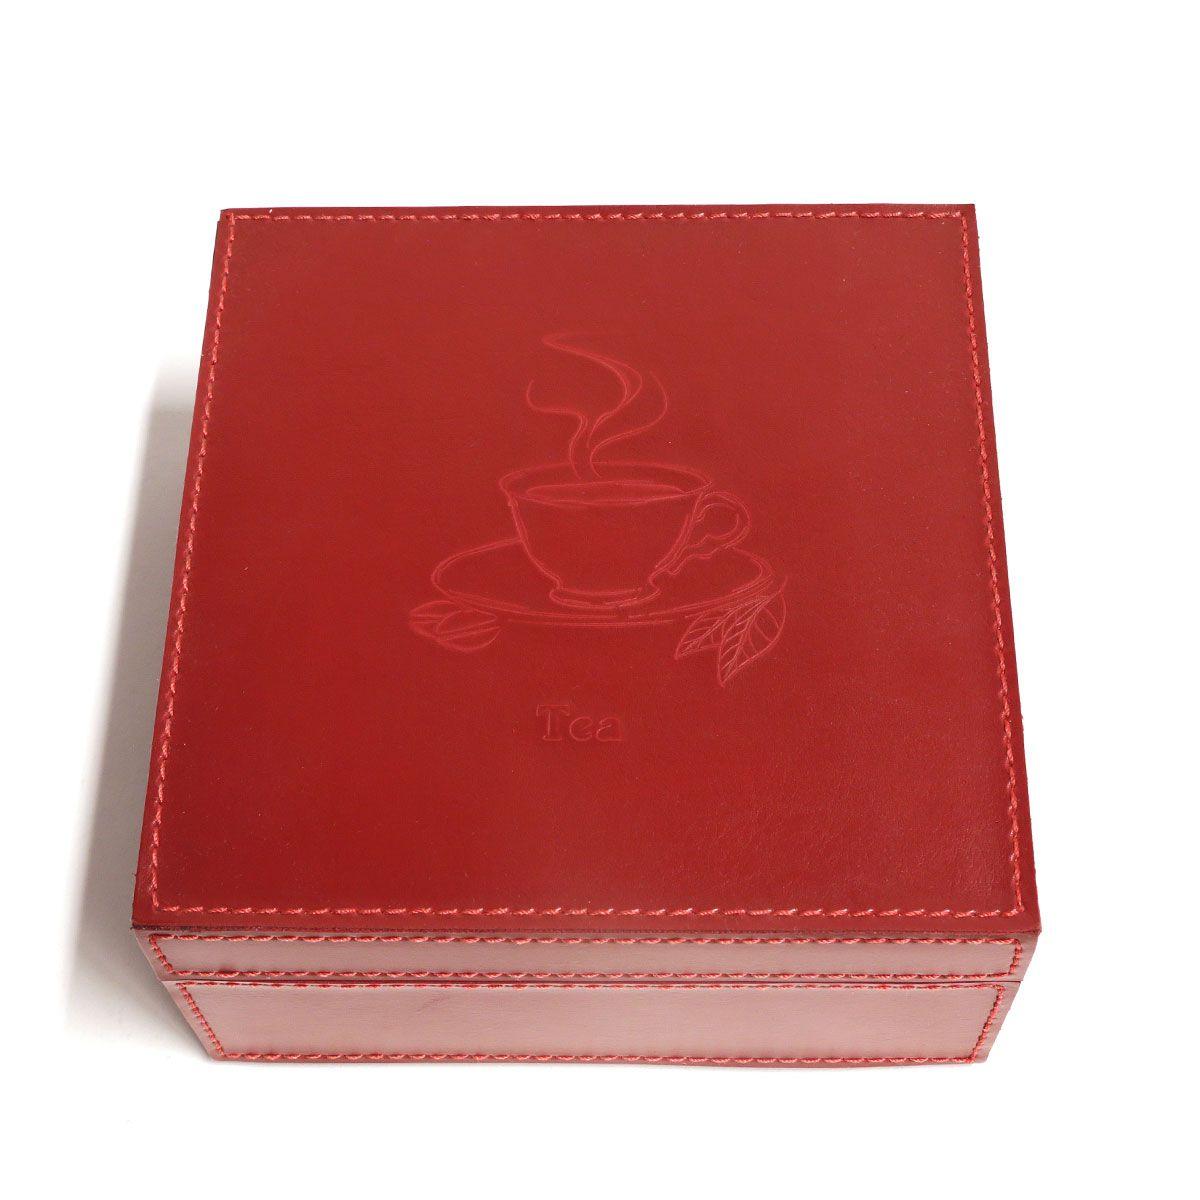 Caixa de chá (Montana Vermelho)